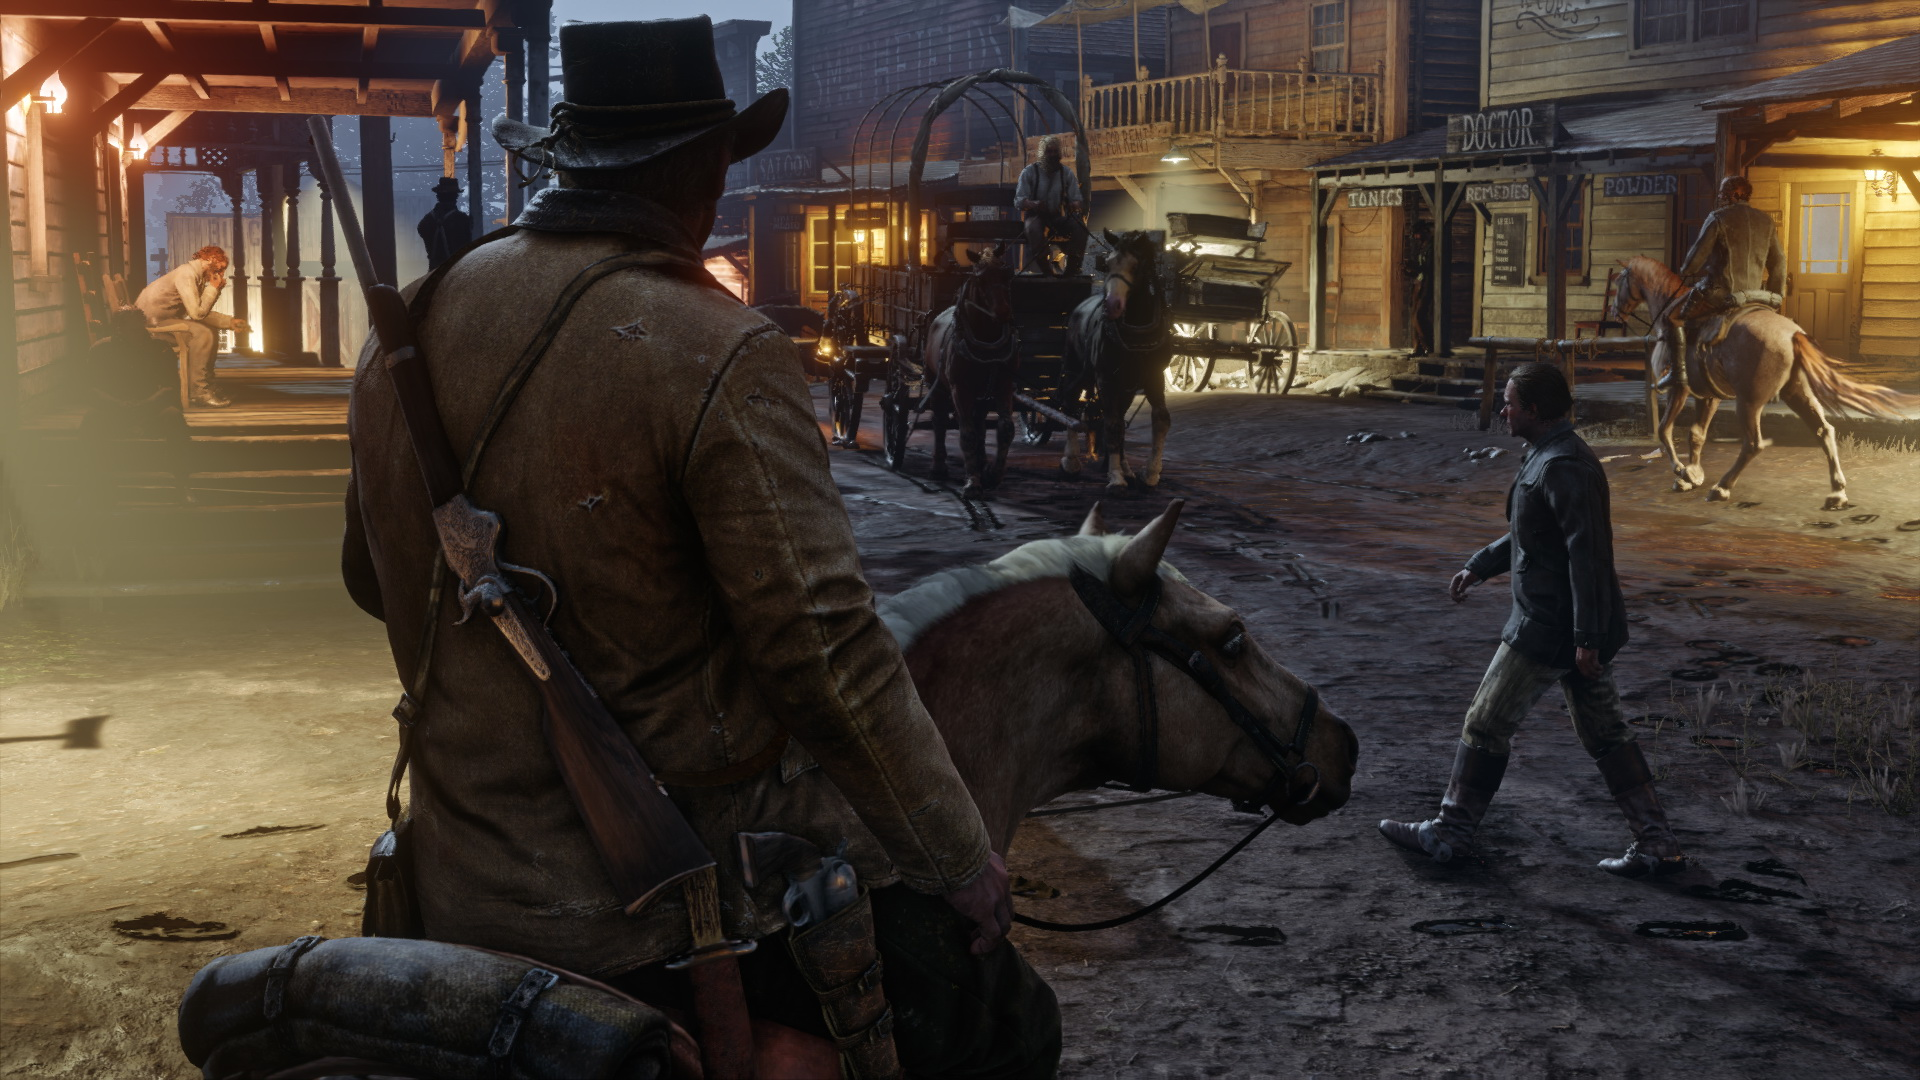 A n'en pas douter, Red Dead Redemption 2 sera une des grosse sortie de l'année